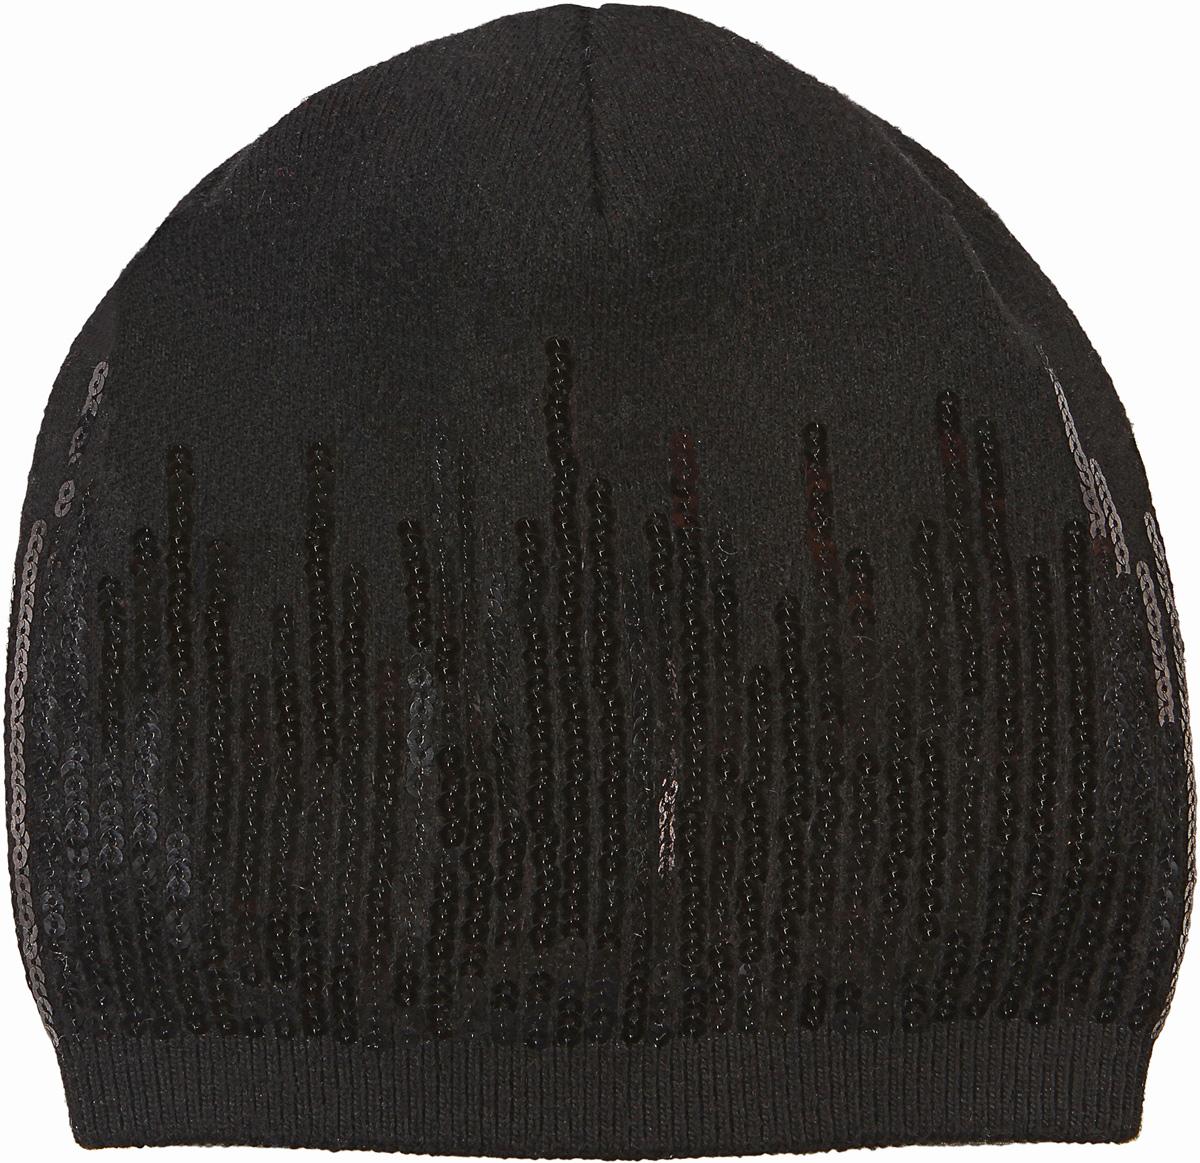 Шапка женская Модные истории, цвет: черный. 4/0061/030. Размер универсальный